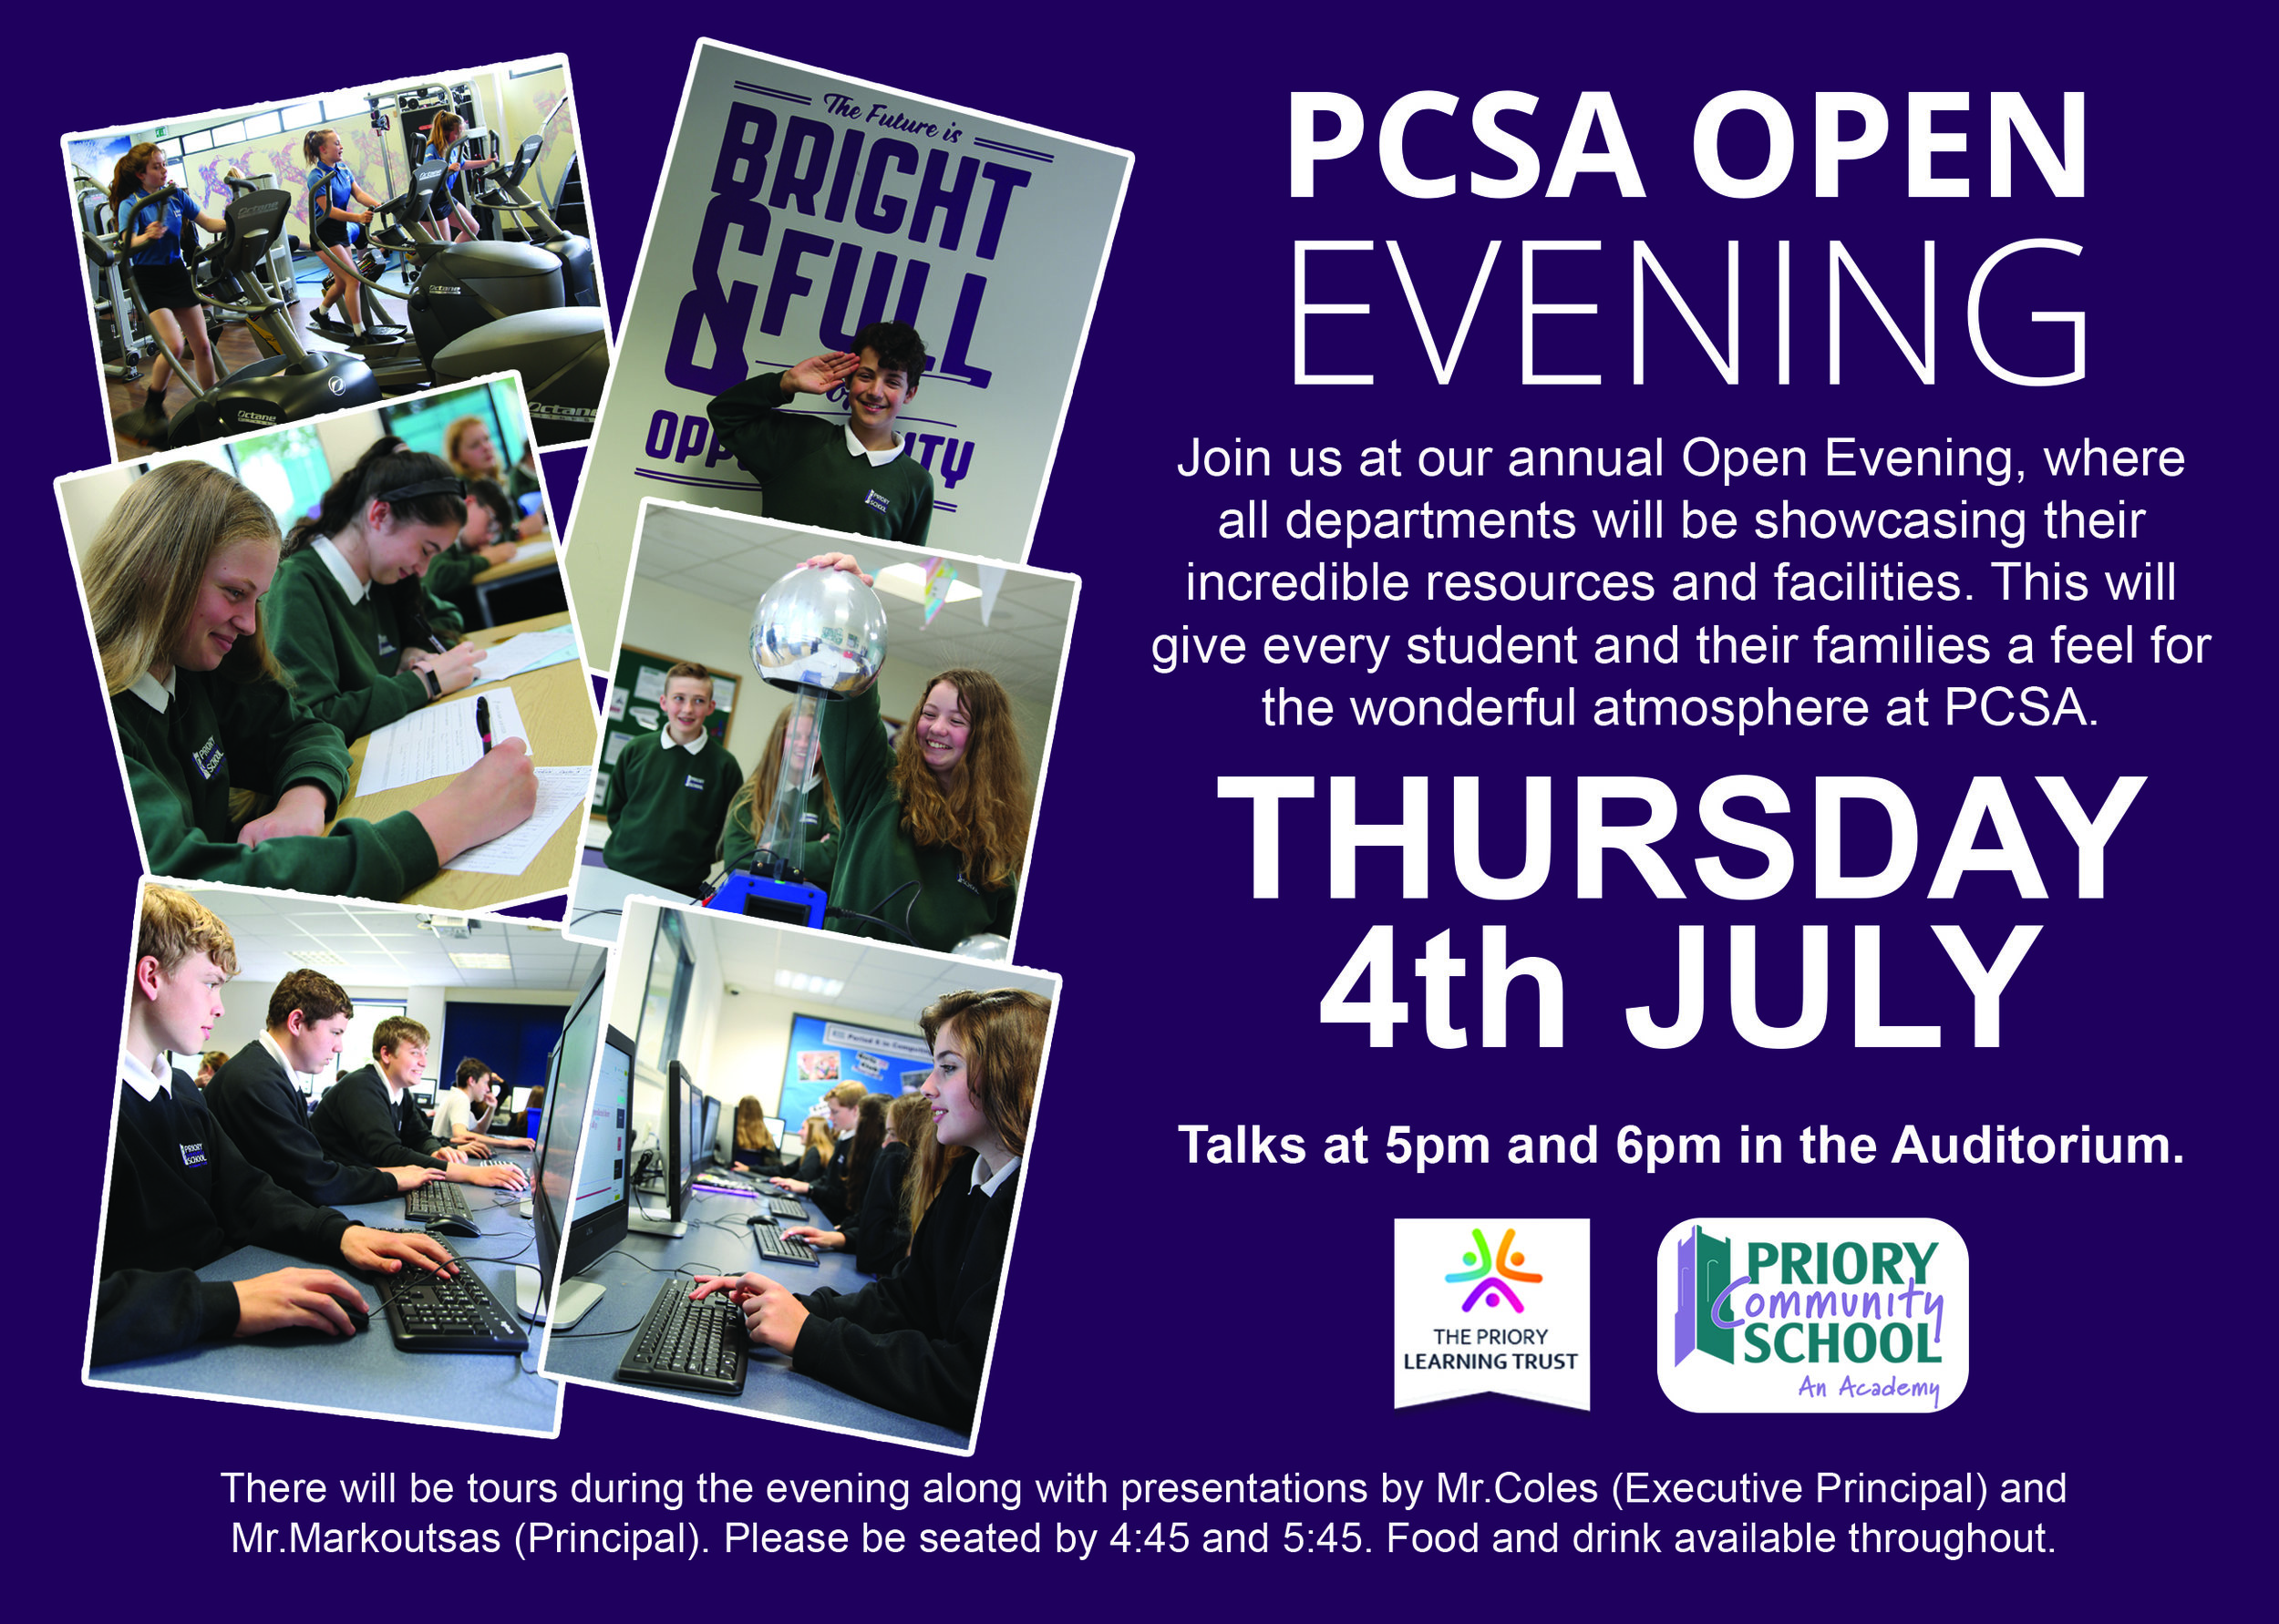 PCSA Open Evening.jpg